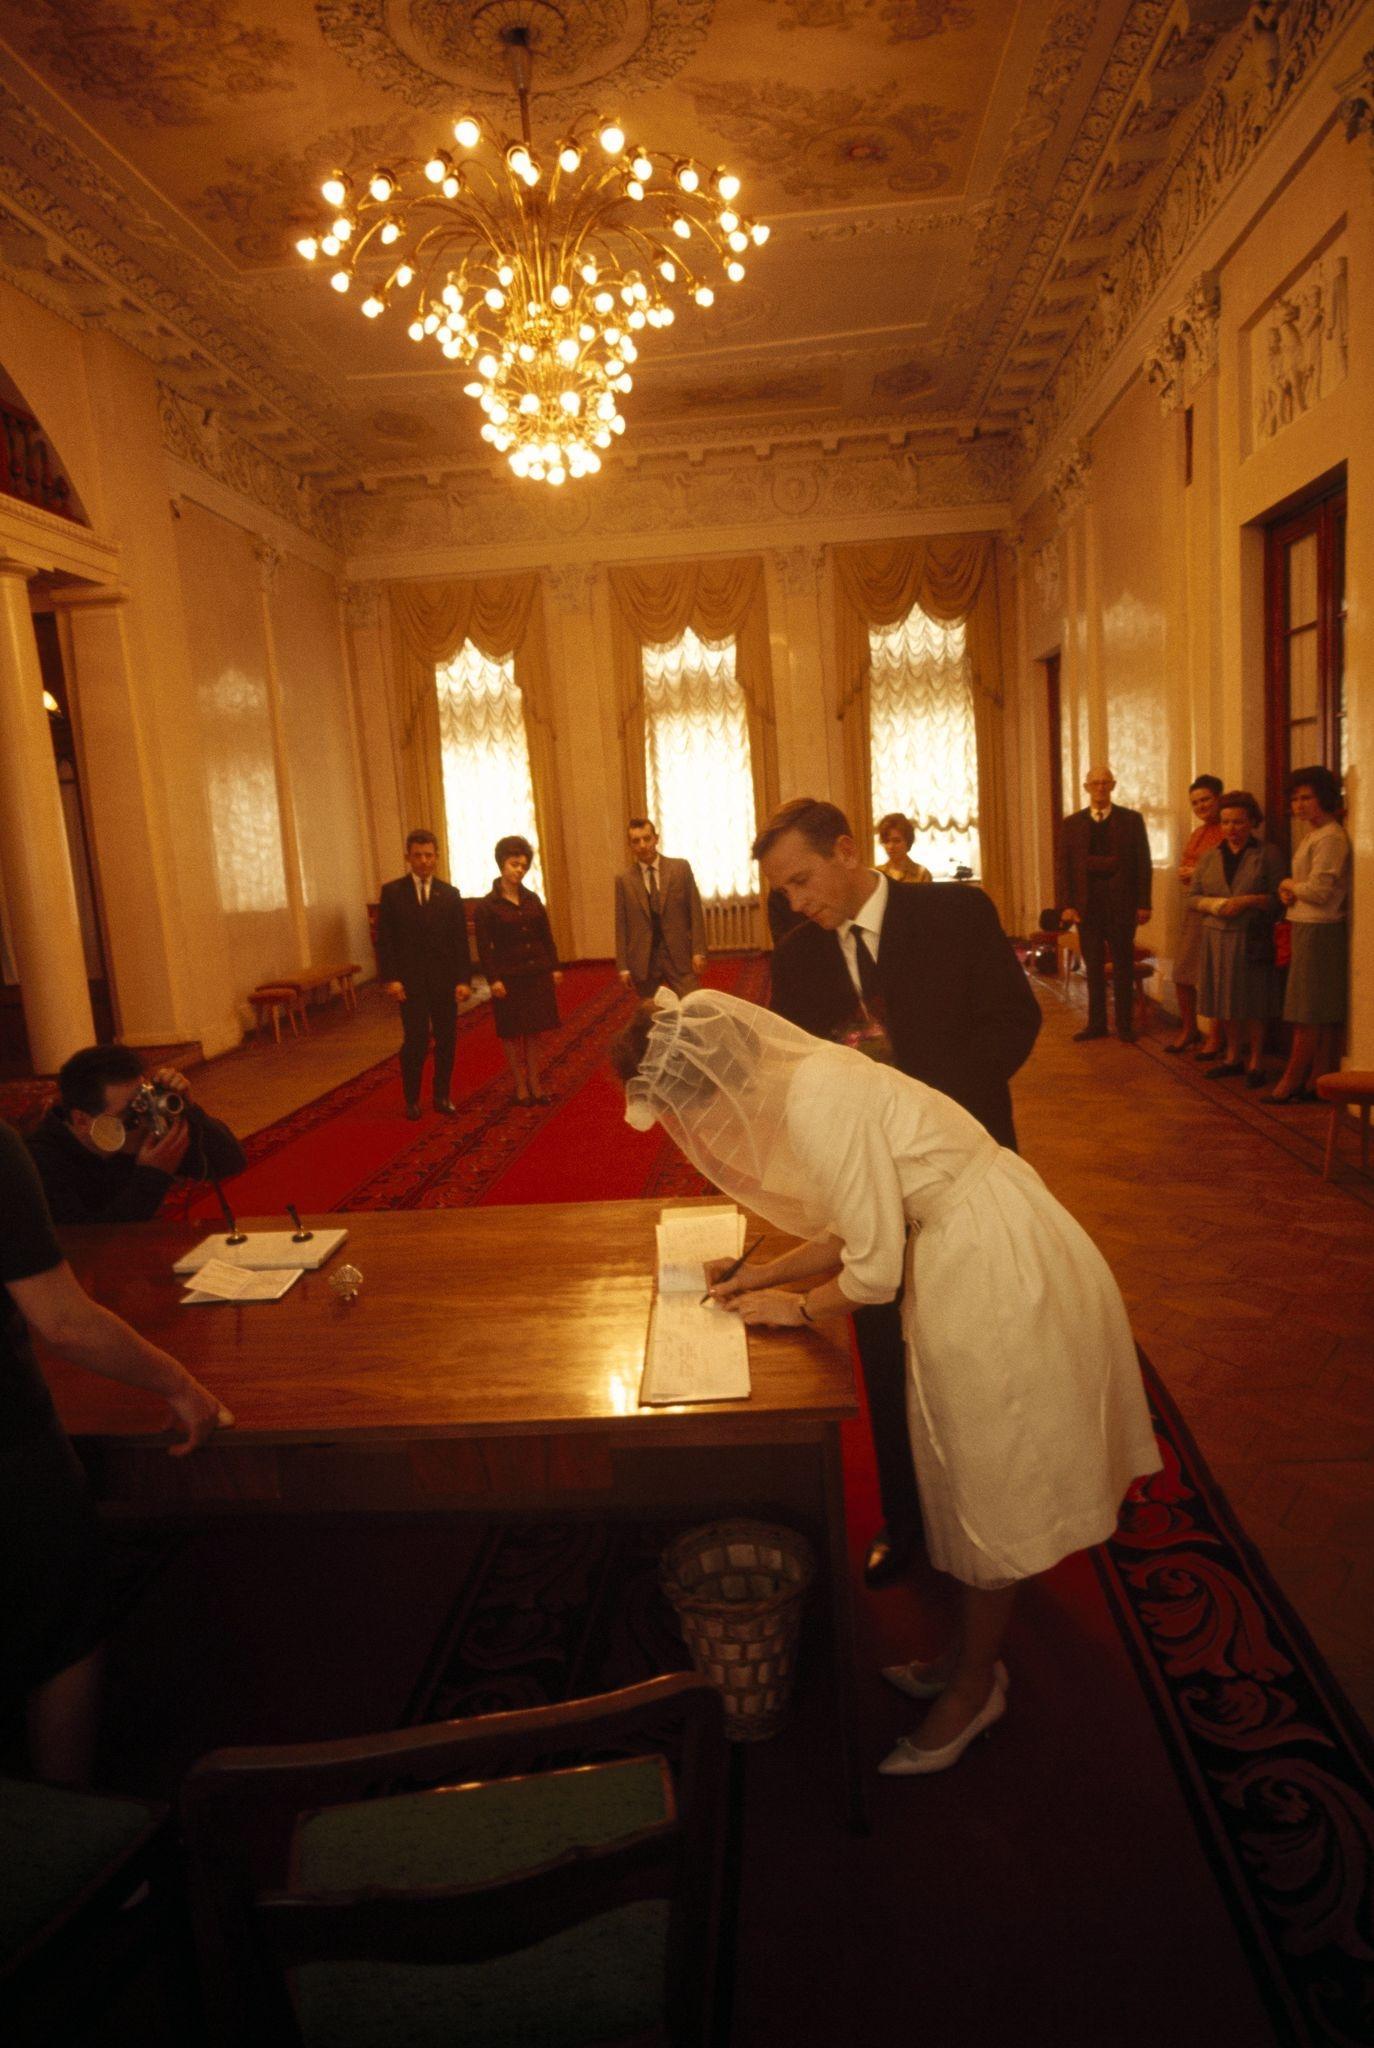 1964. Невеста подписывает бухгалтерскую книгу в богато украшенном Дворце бракосочетания